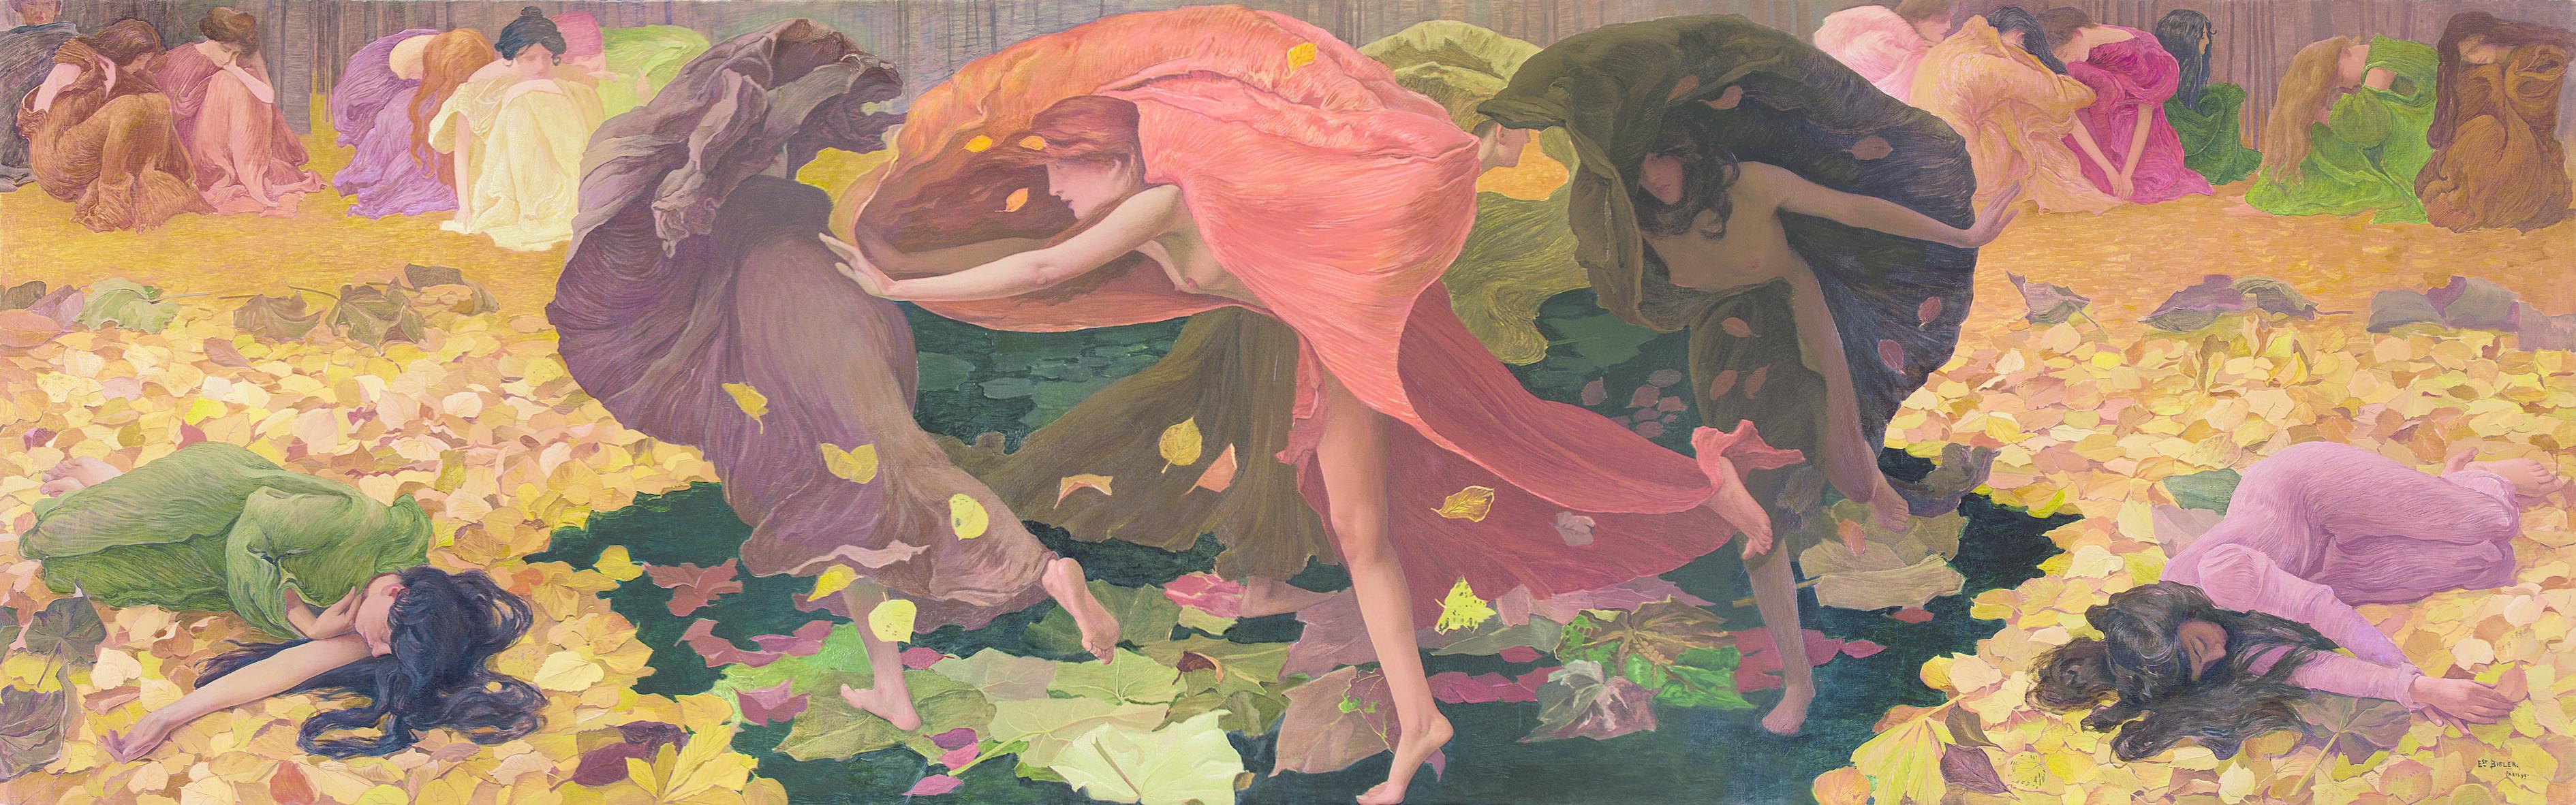 Feuilles mortes. Gemälde des 19. und 20. Jahrhunderts aus der Sammlung